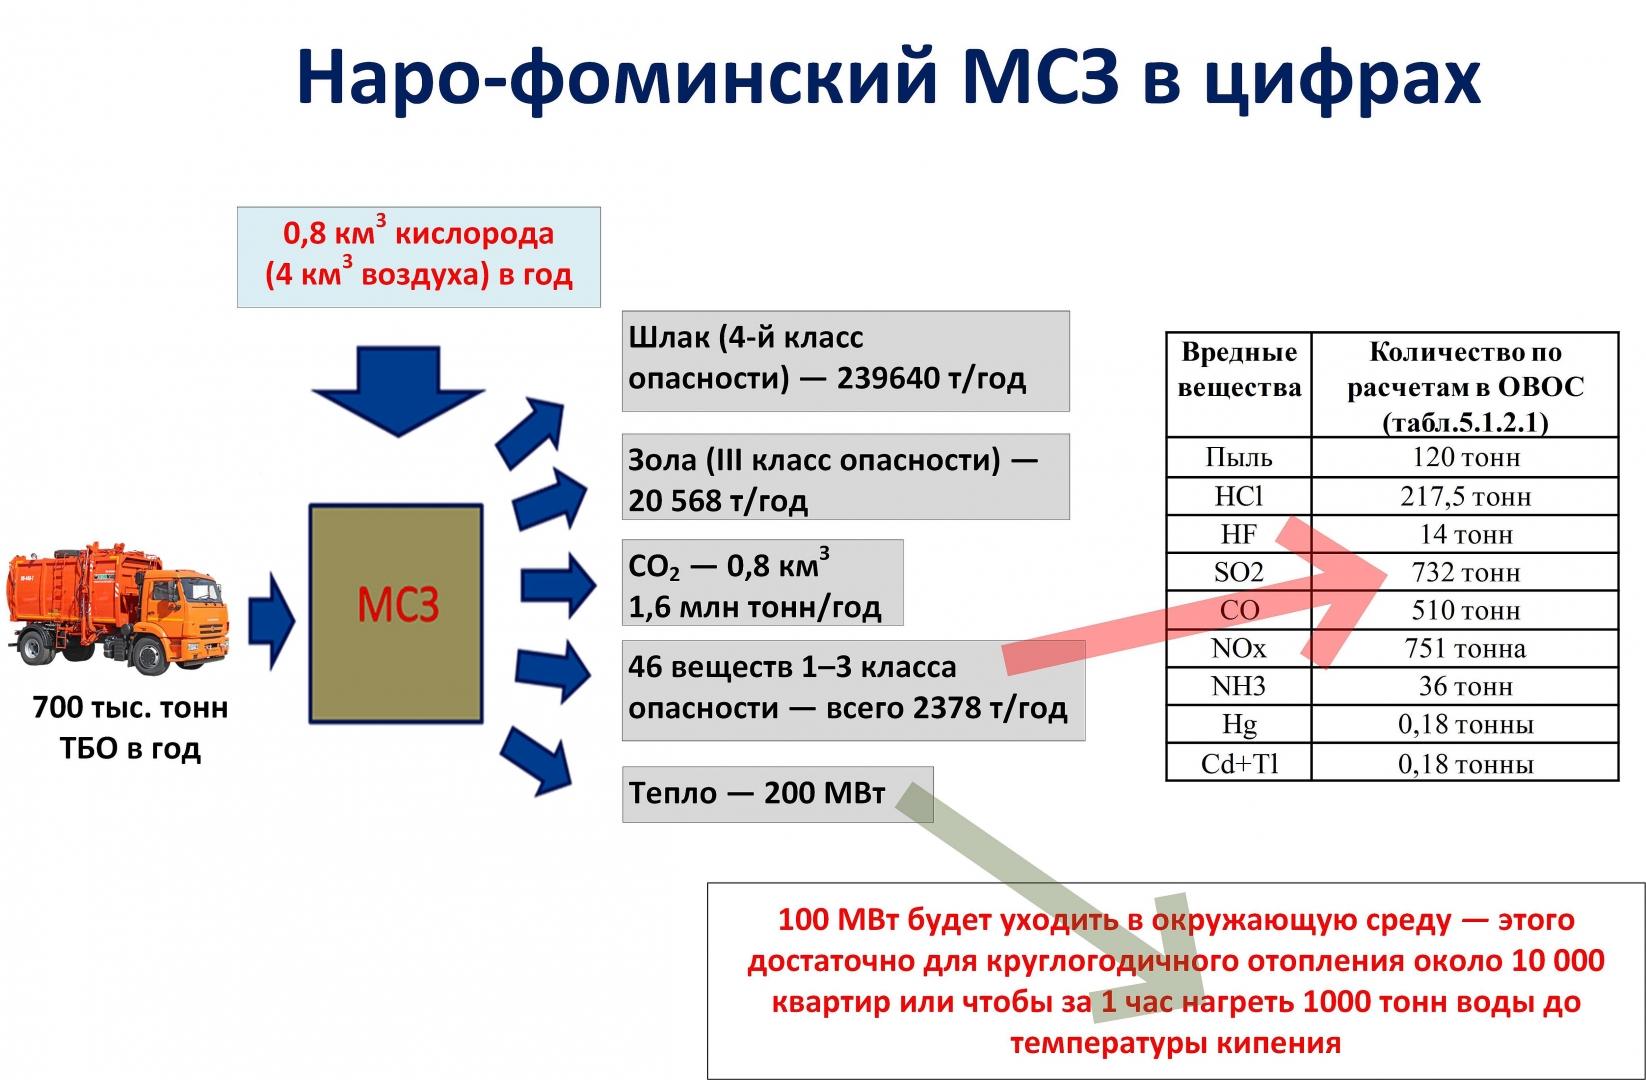 Рис. 1. Показатели МСЗ в Наро-Фоминском районе МО по данным ОВОС, вынесенного на общественные слушания